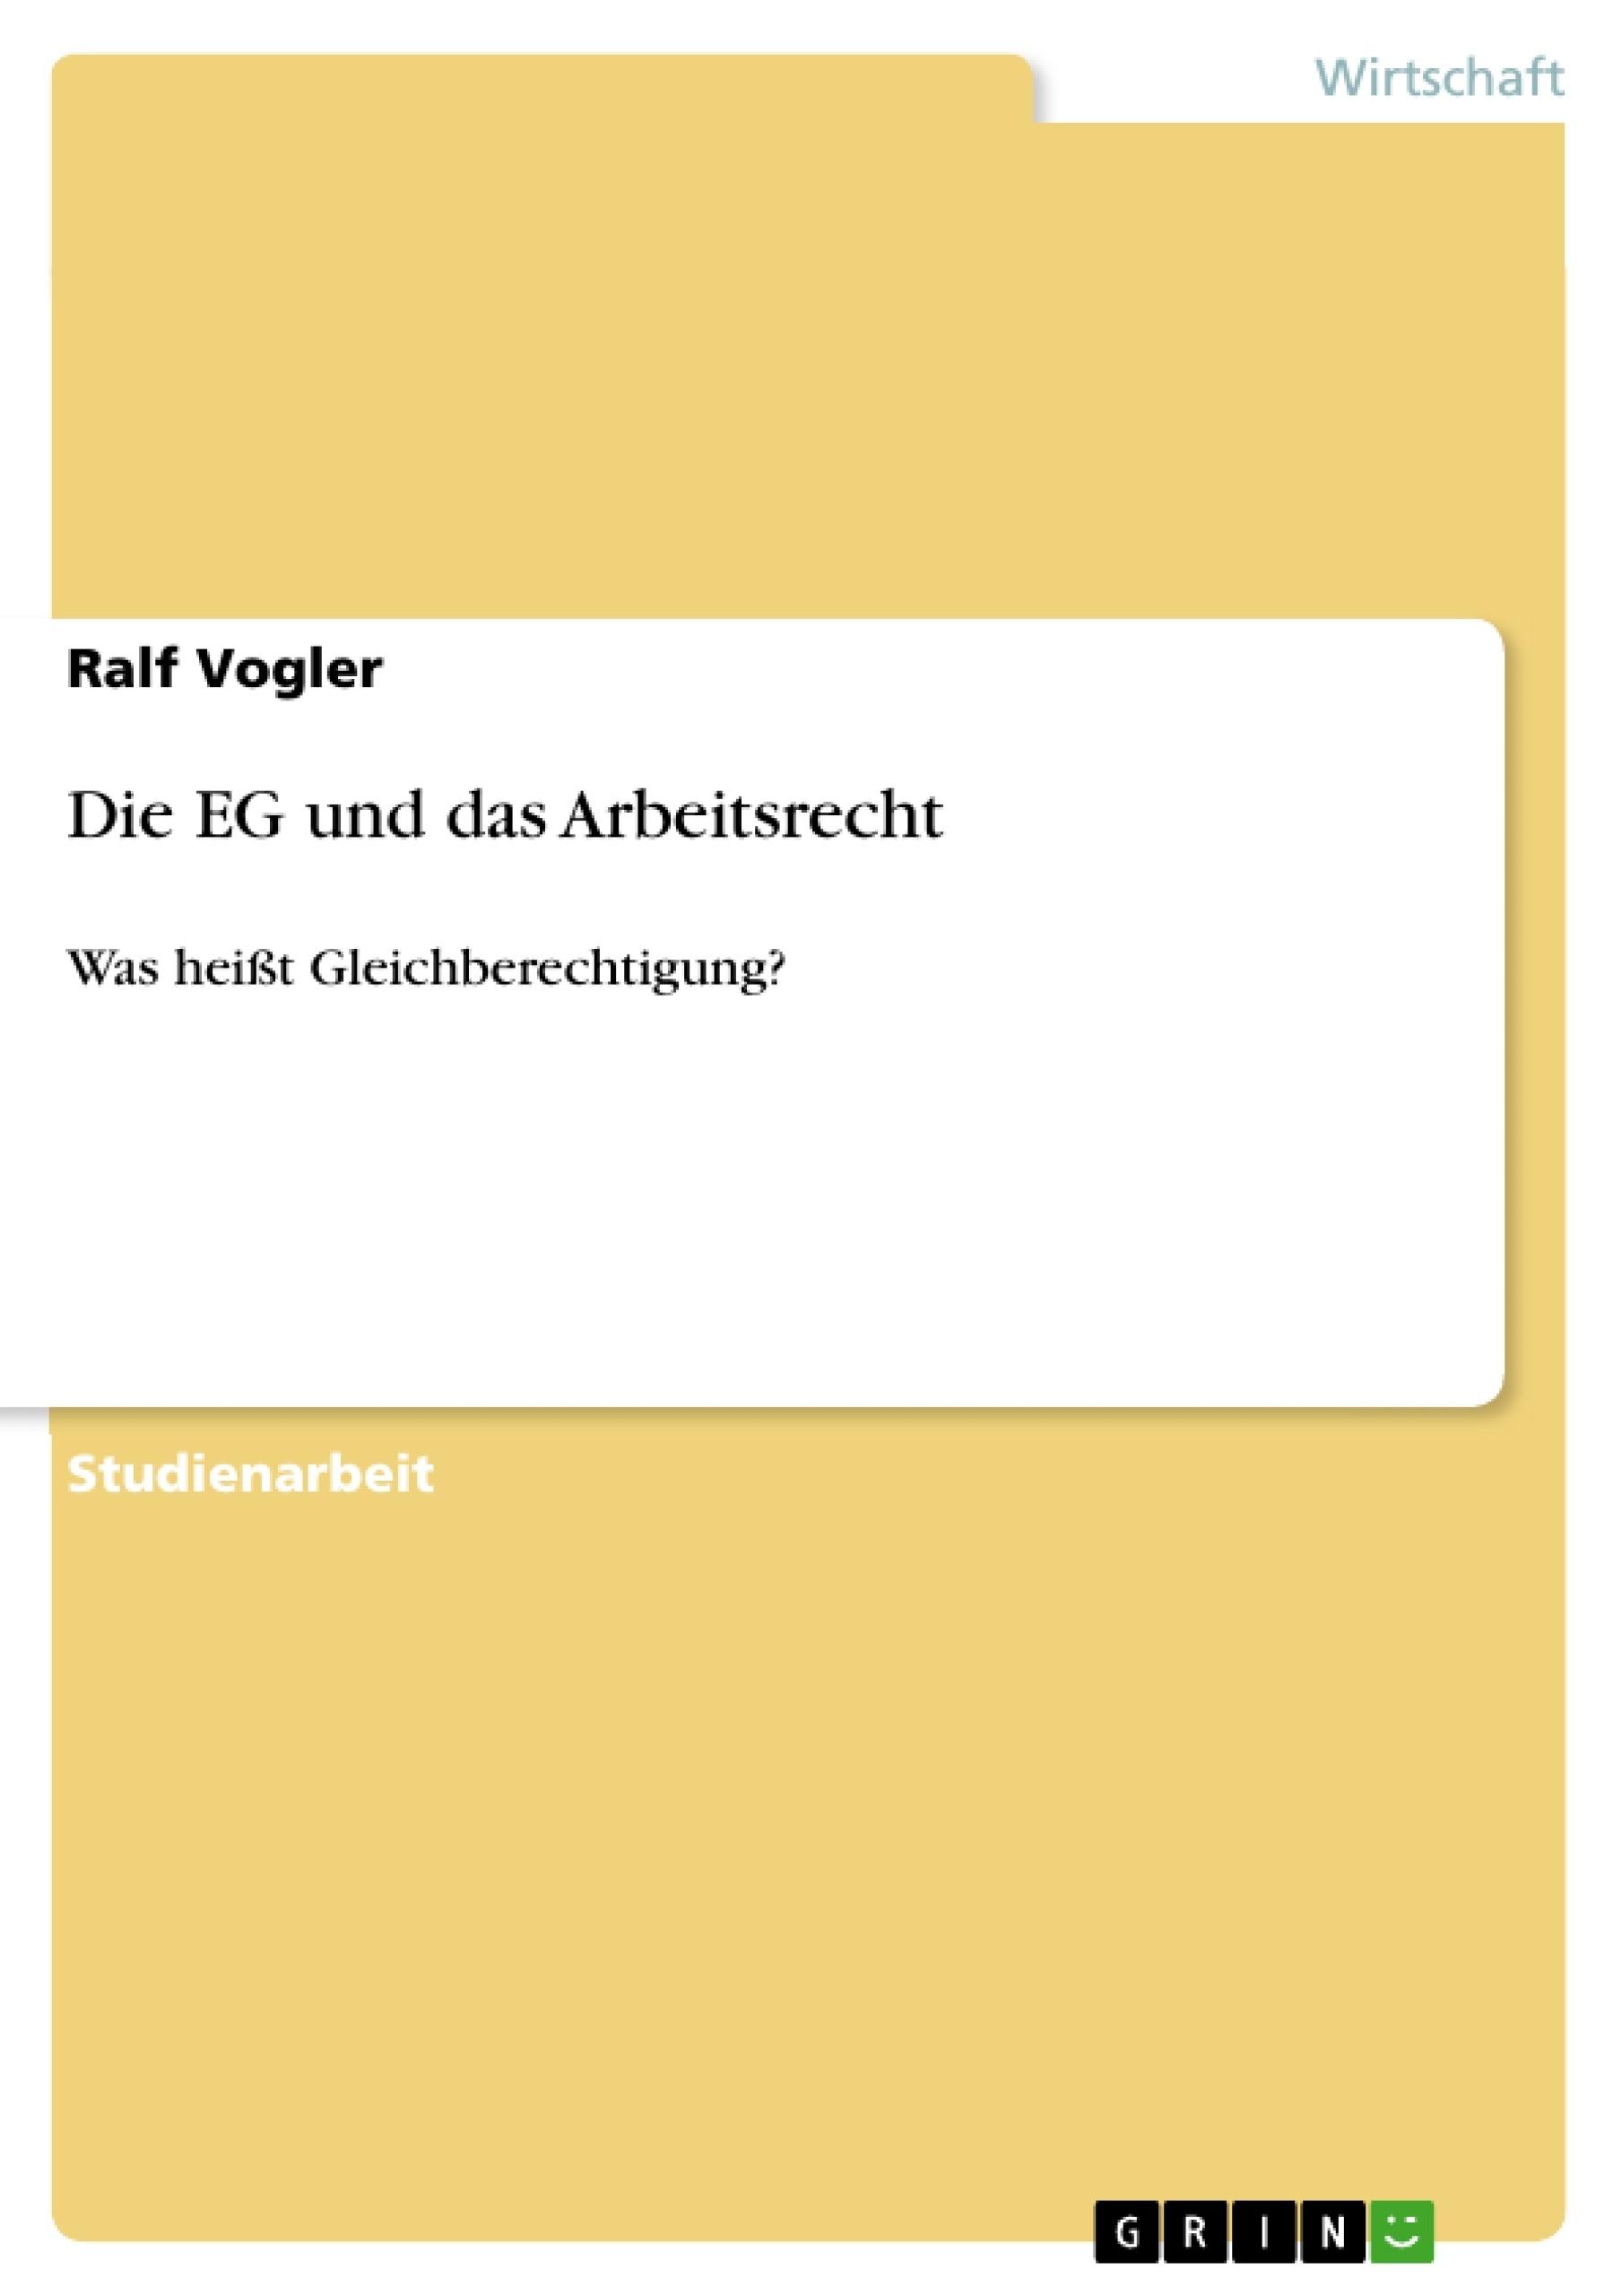 Titel: Die EG und das Arbeitsrecht